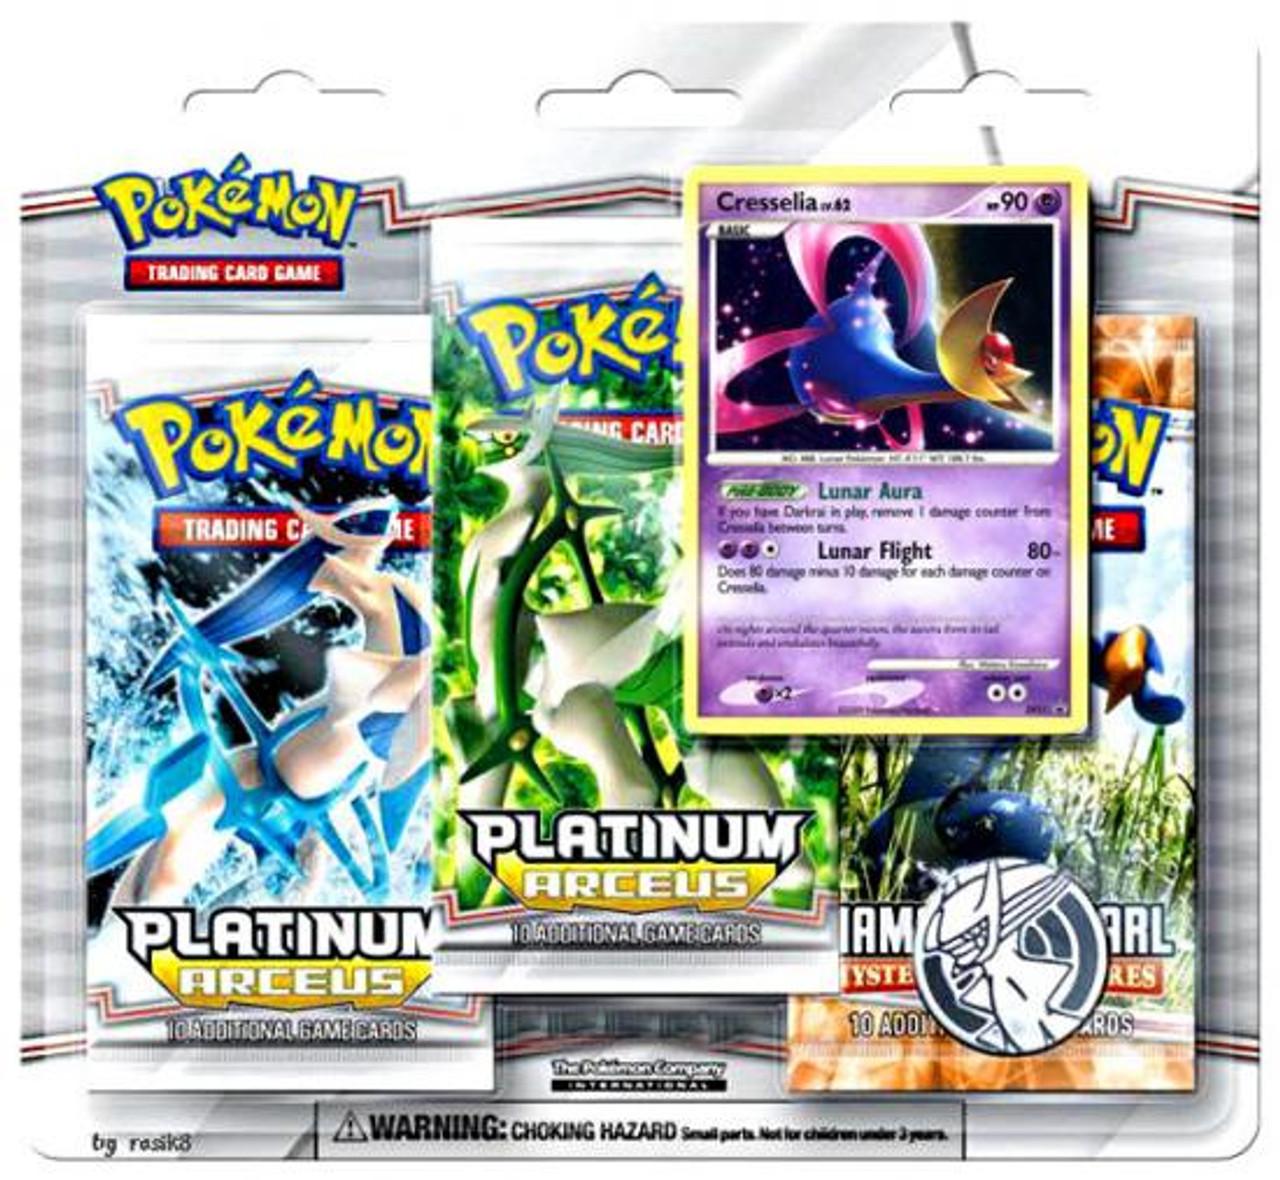 Pokemon Platinum Arceus Special Edition [Cresselia]